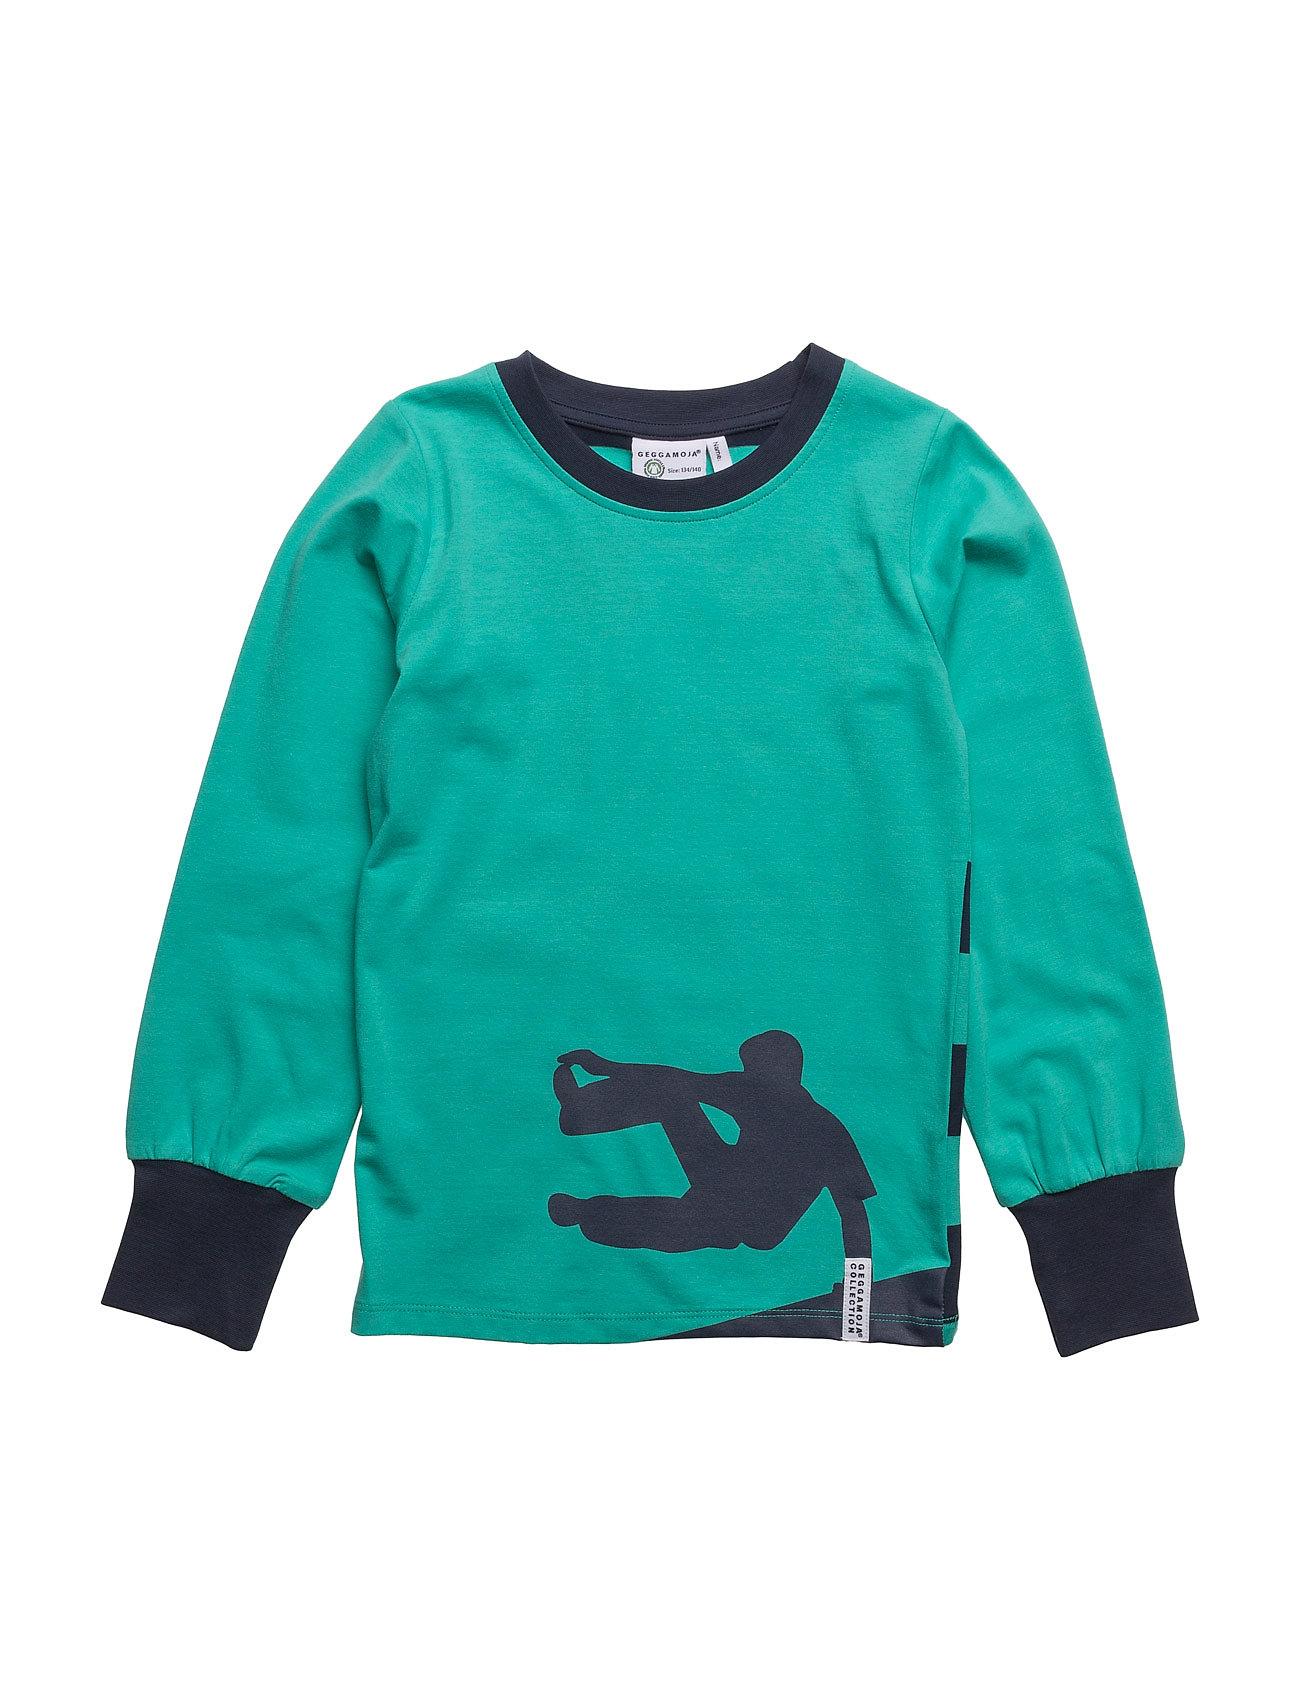 Parcour Sweater Geggamoja Langærmede t-shirts til Børn i